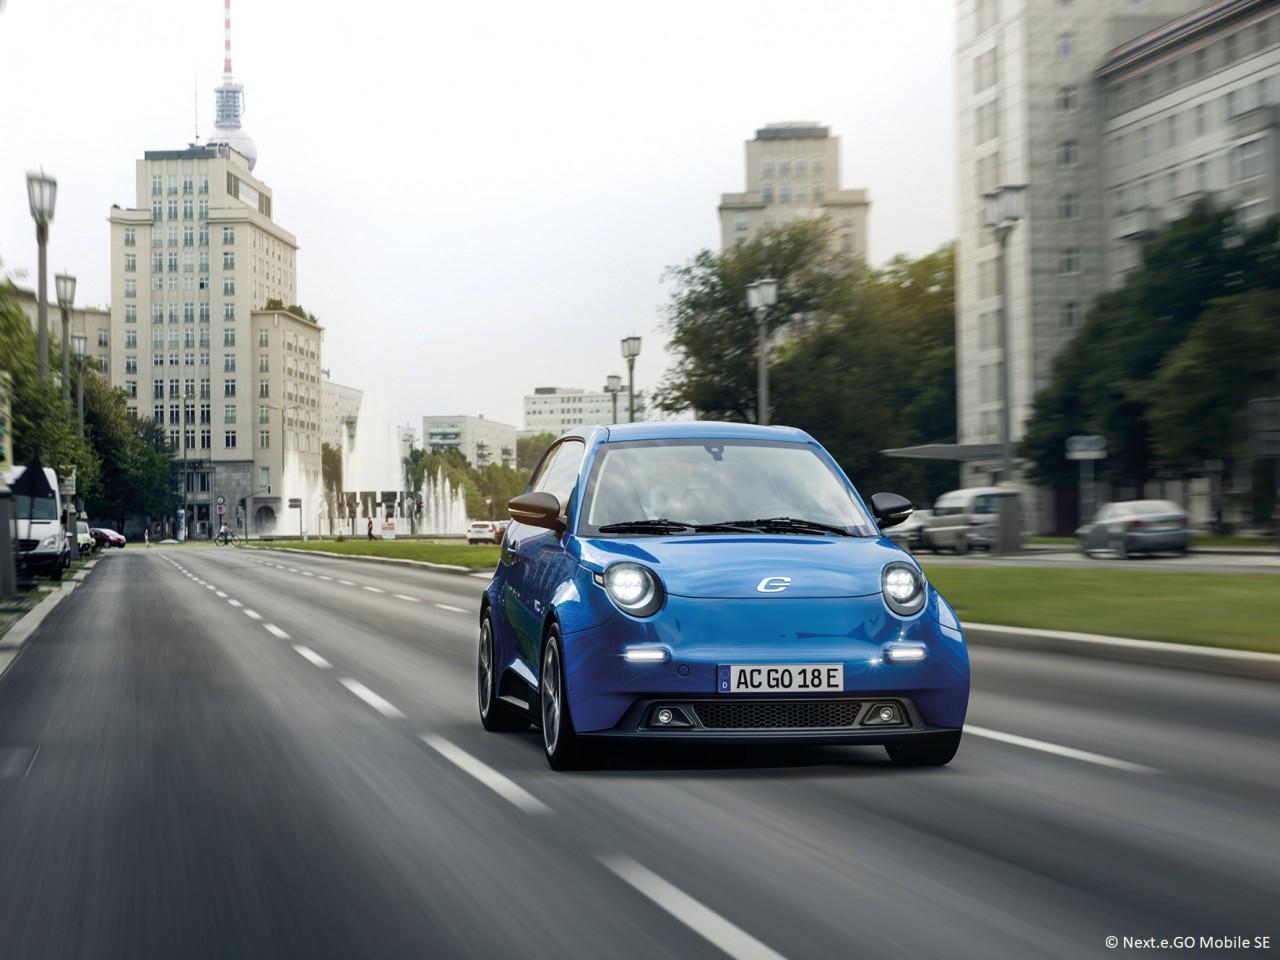 ドイツのEV開発ベンチャー「e.GO」はコロナを生き抜けるのか?ドイツ現地からレポート